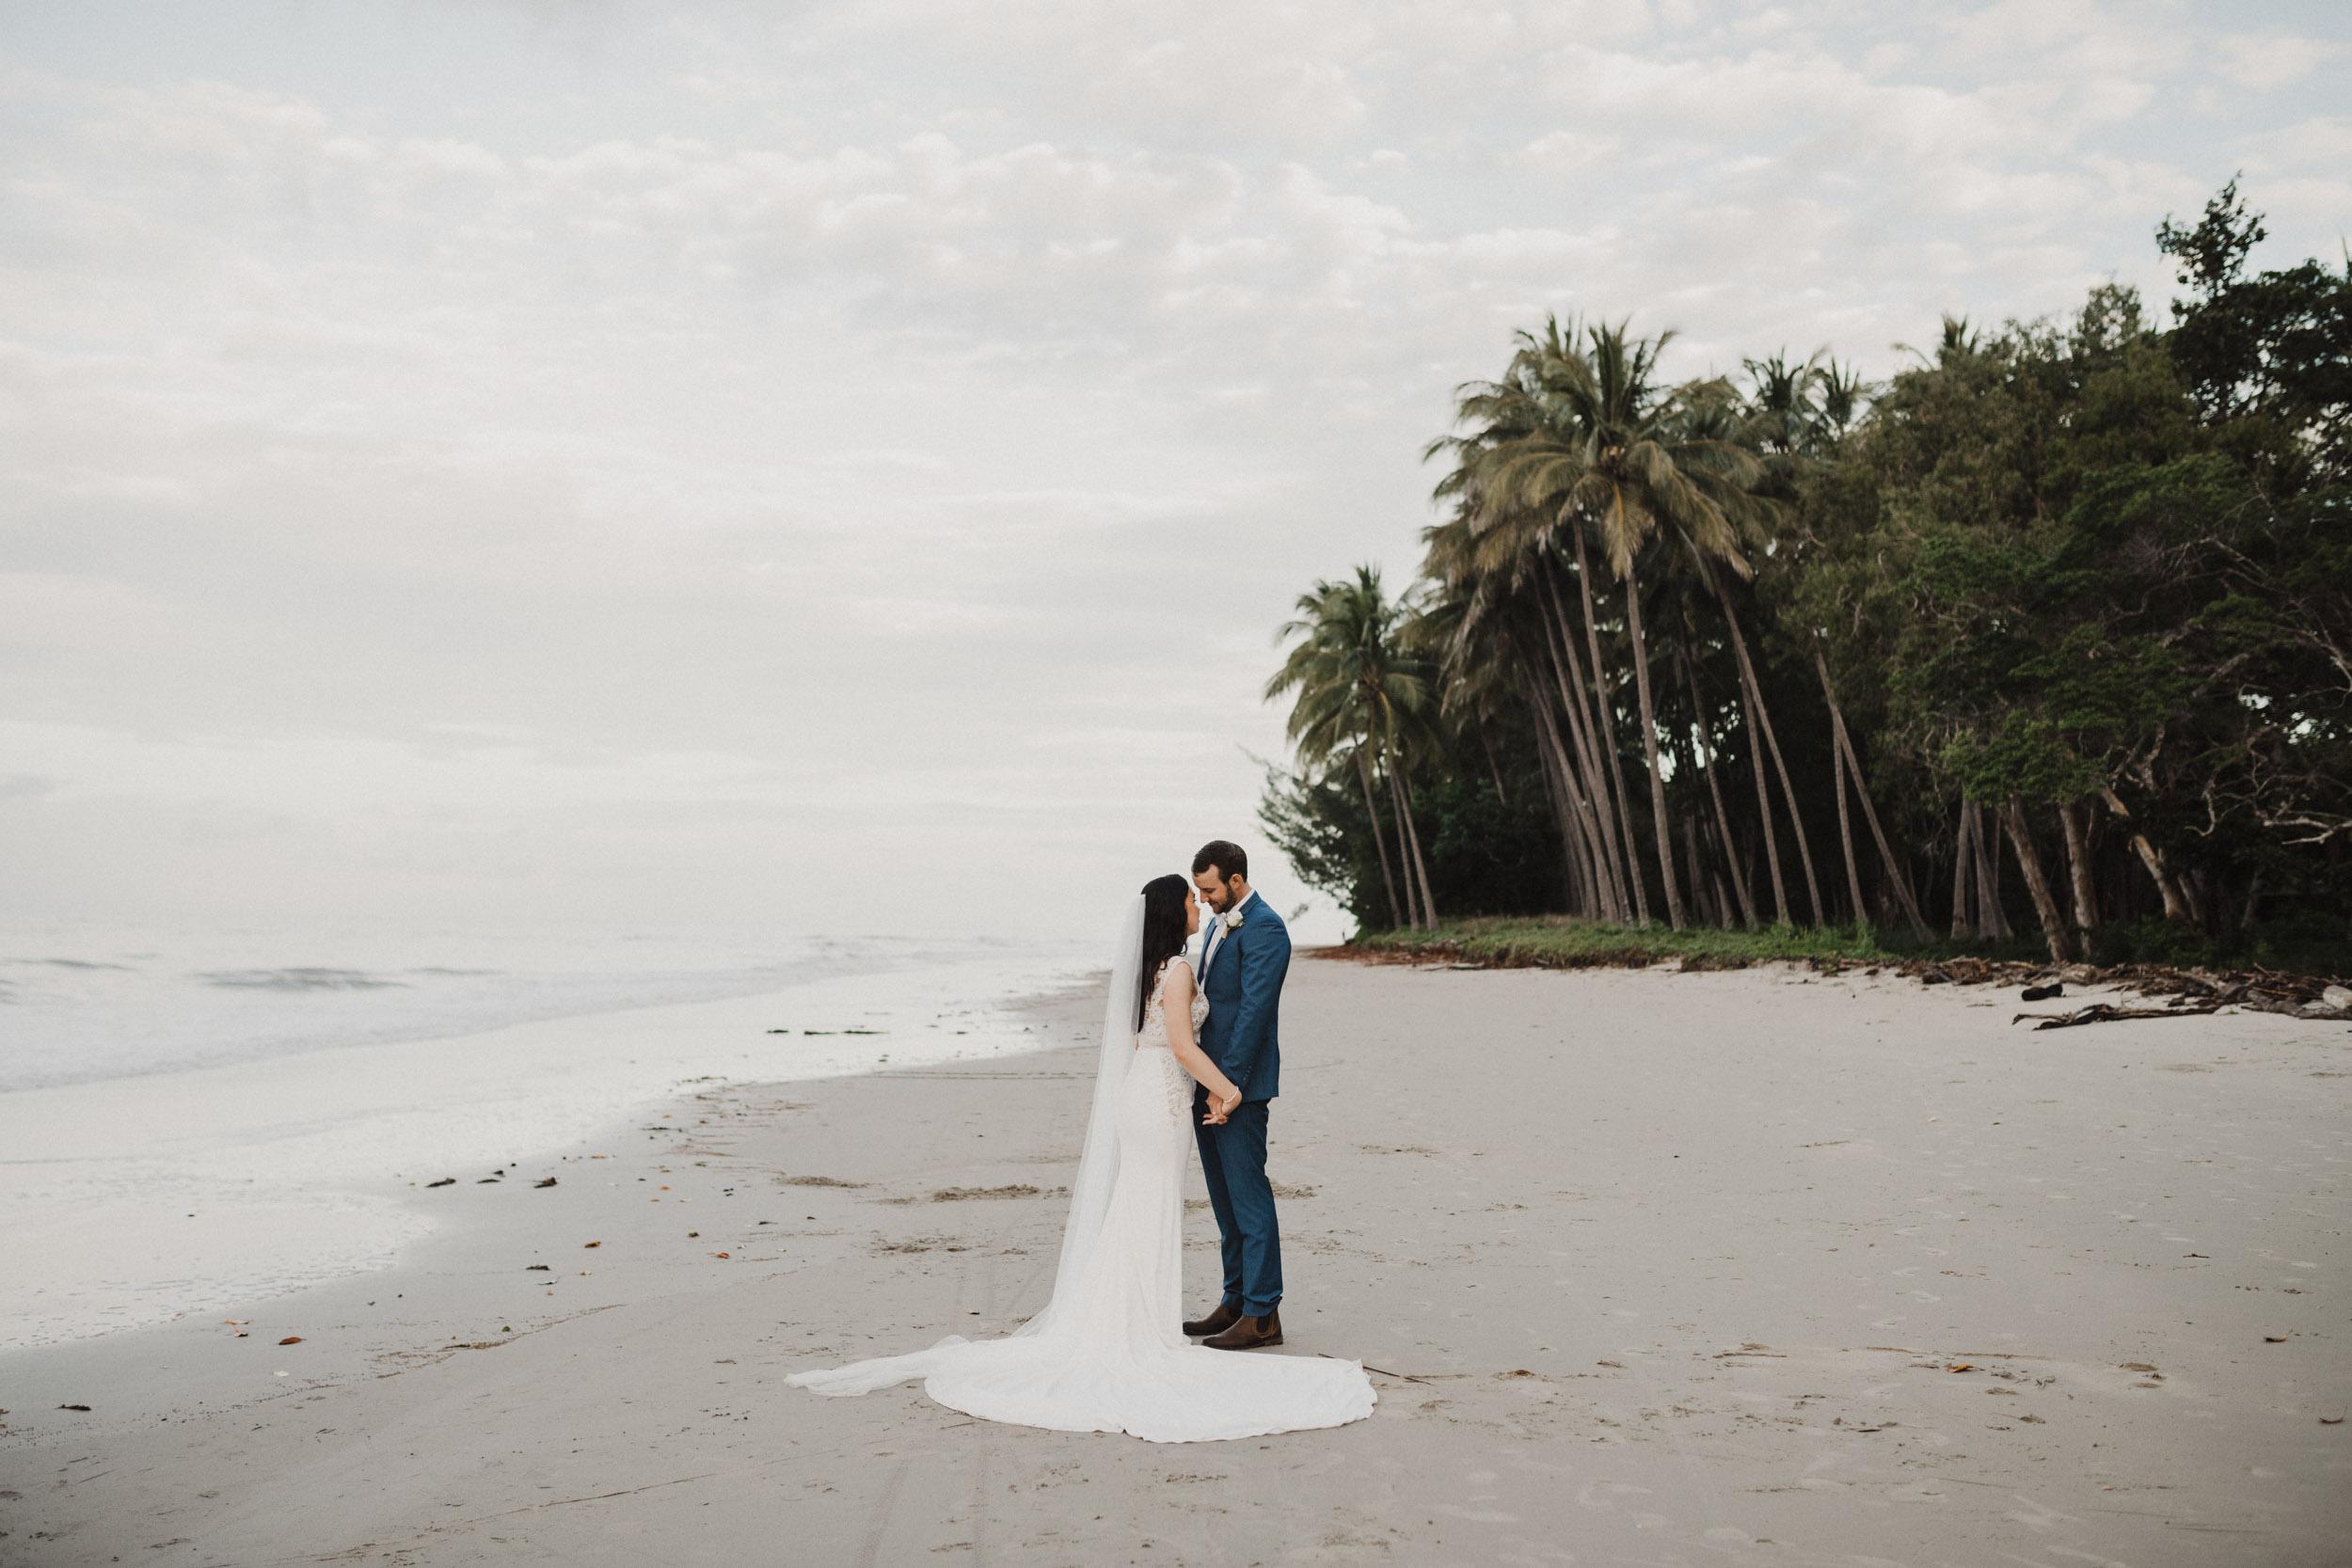 The Raw Photographer - Port Douglas Wedding Photographer - St Mary Church - Cairns Beach Photos-56.jpg